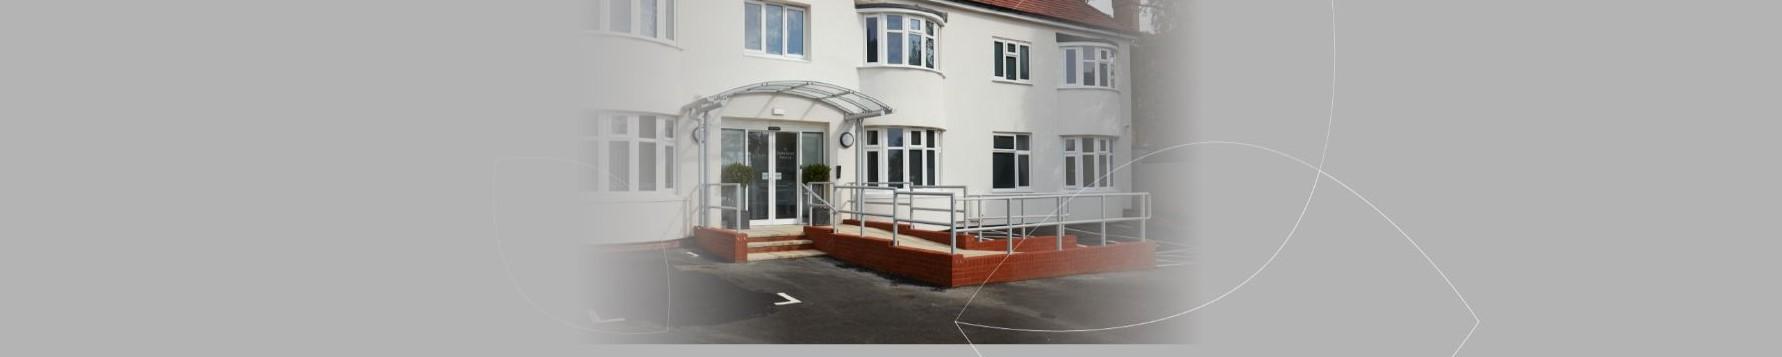 Elysium Private Health Services In Brighton Hove East Sussex